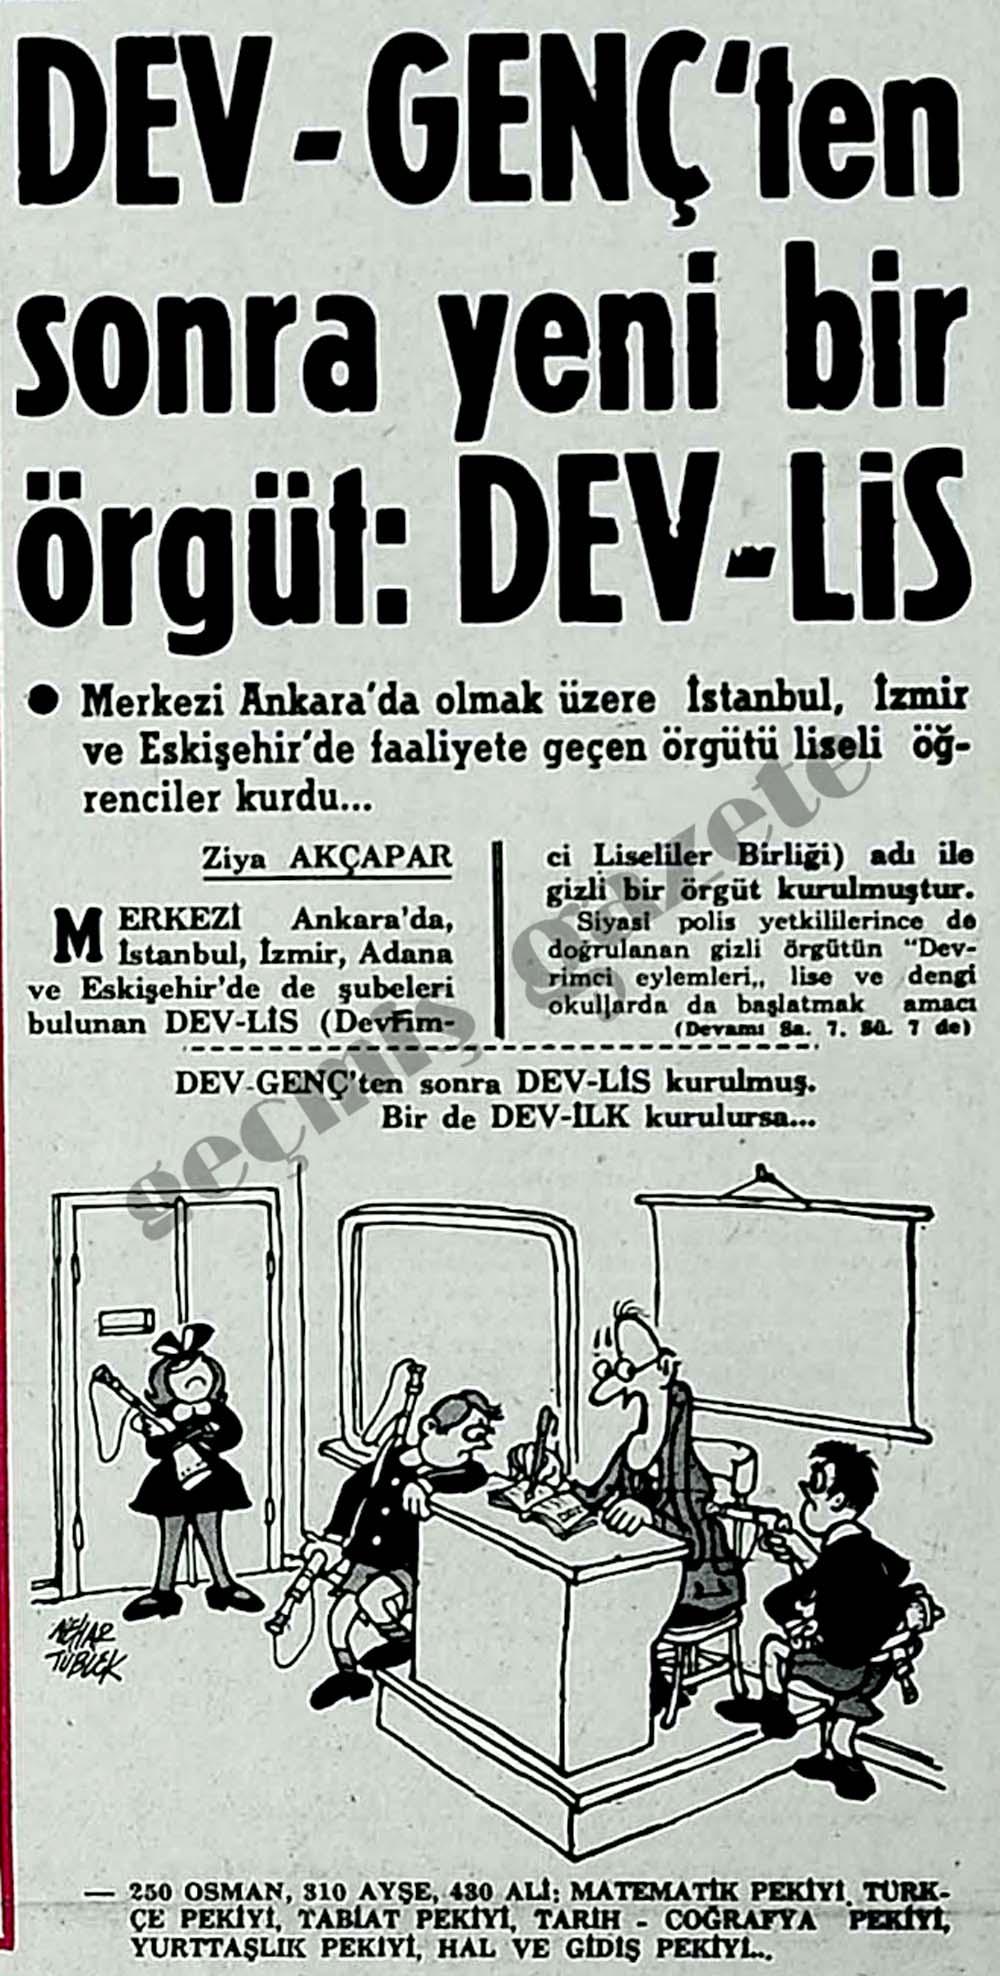 Dev-Genç'ten sonra yeni bir örgüt: Dev-Lis